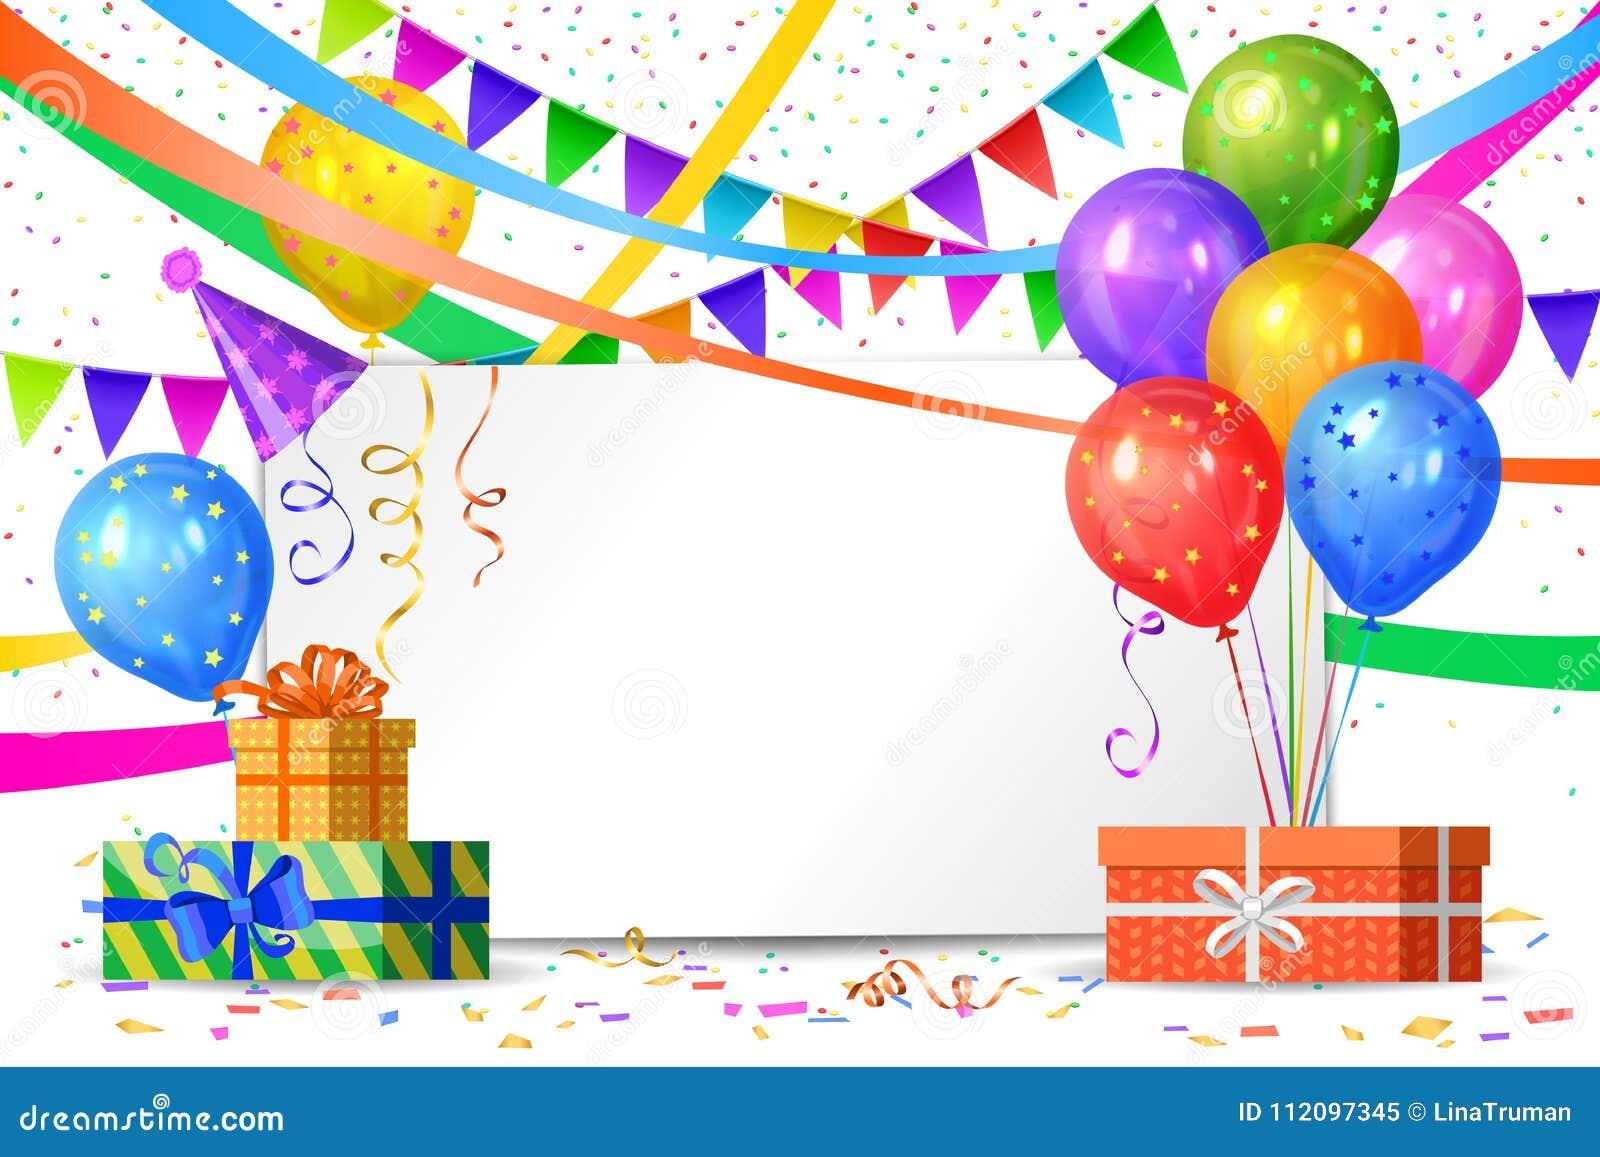 Feliz Cumpleaños Balones De Aire Cajas De Regalos Banderas